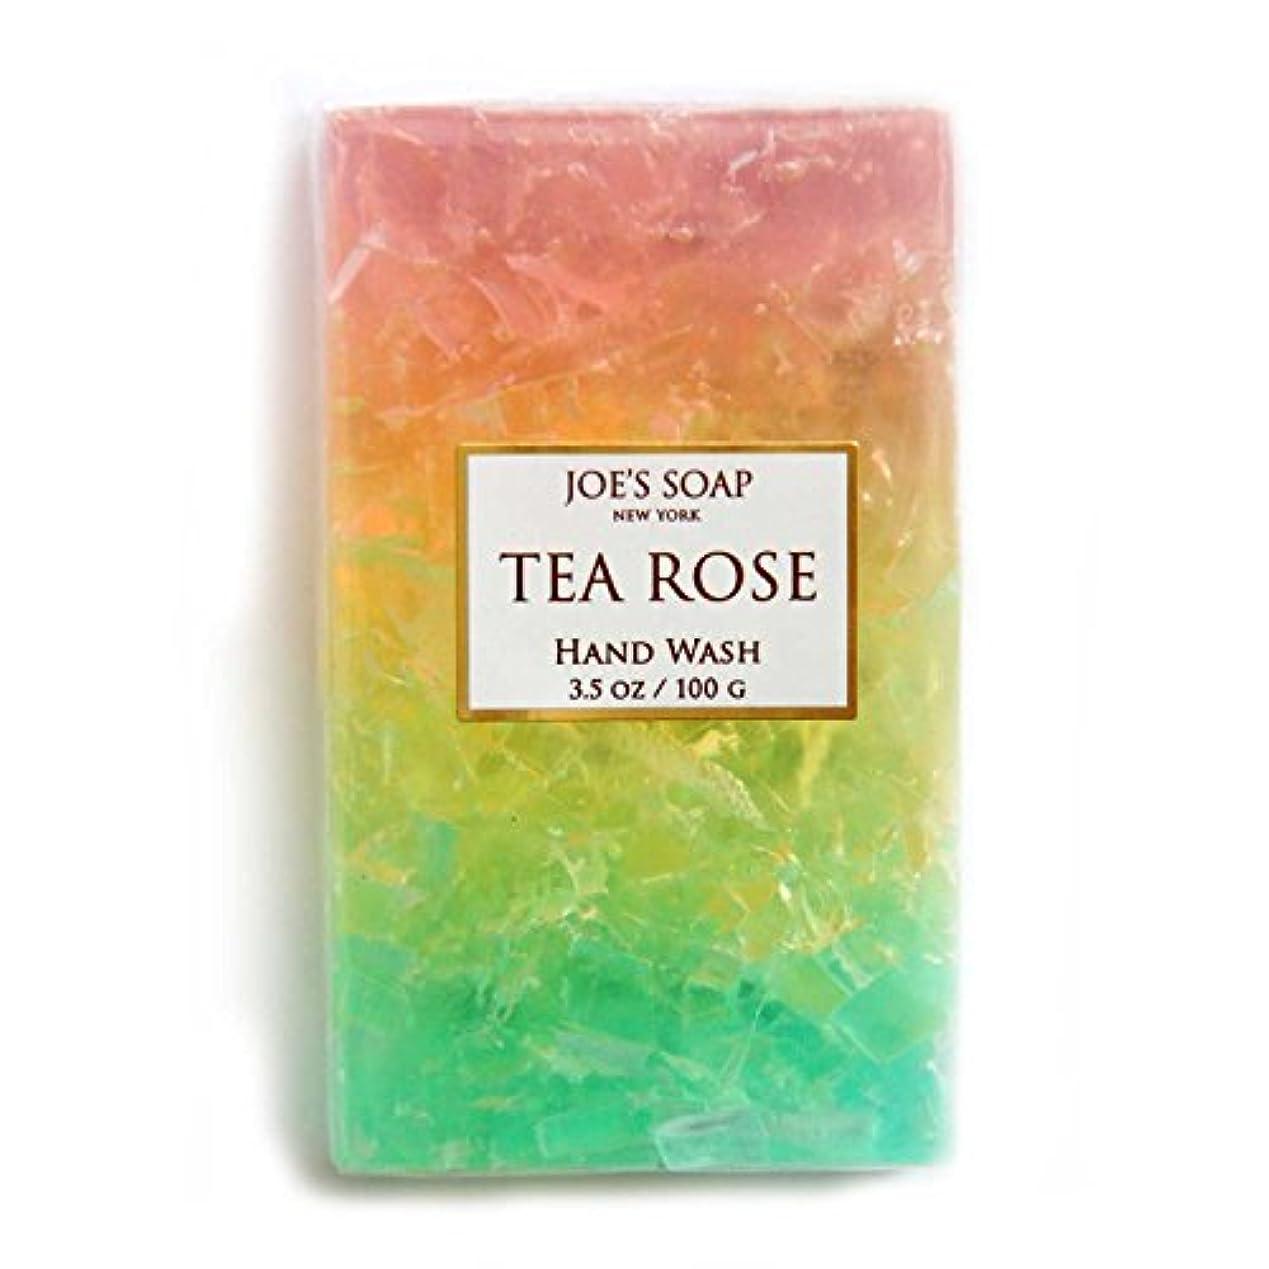 値する役に立たない締め切りJOE'S SOAP ジョーズソープ グラスソープ 100g 石けん ボディソープ 洗顔料 せっけん 固形 ギフト